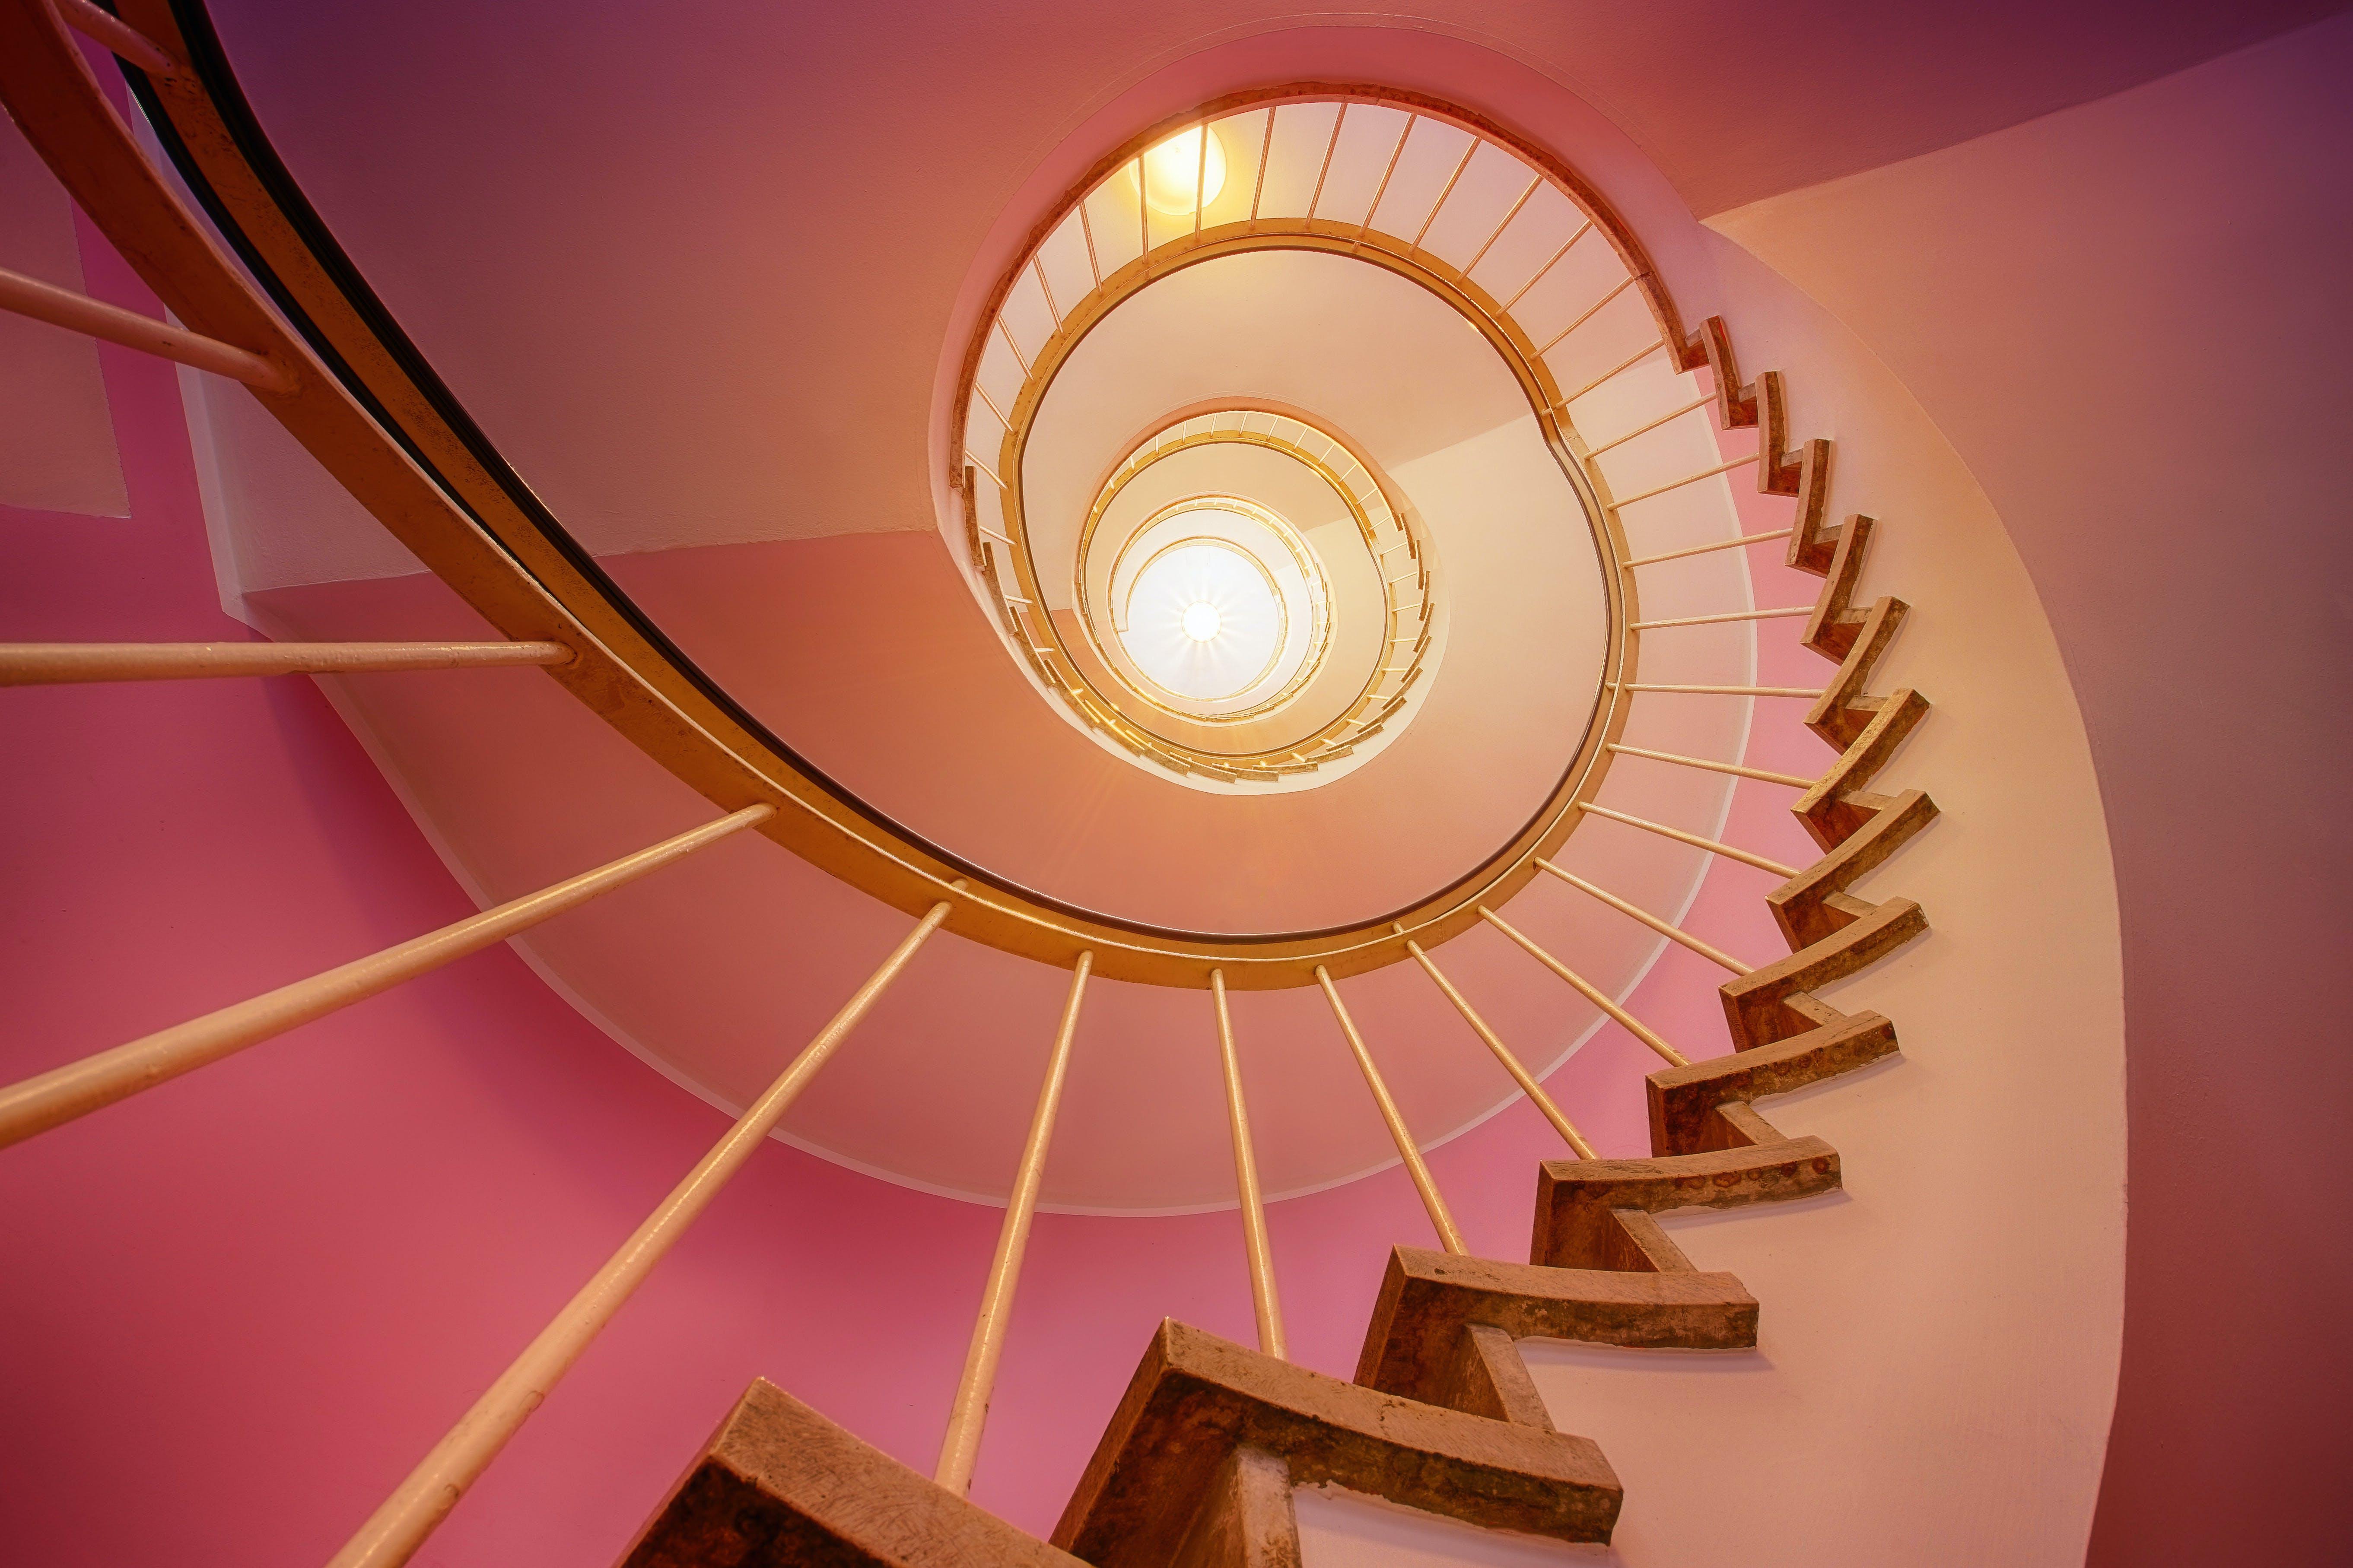 Kostenloses Stock Foto zu architektur, perspektive, stufen, wendeltreppe